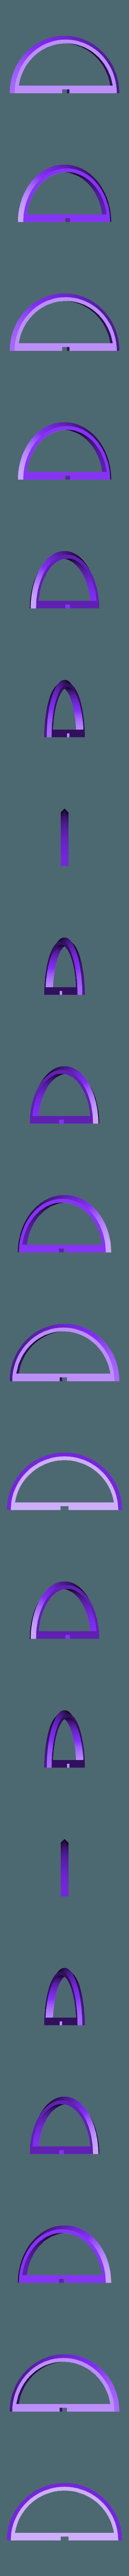 Sphericon3.stl Télécharger fichier STL gratuit Sphérique filaire • Plan pour imprimante 3D, Alwyn